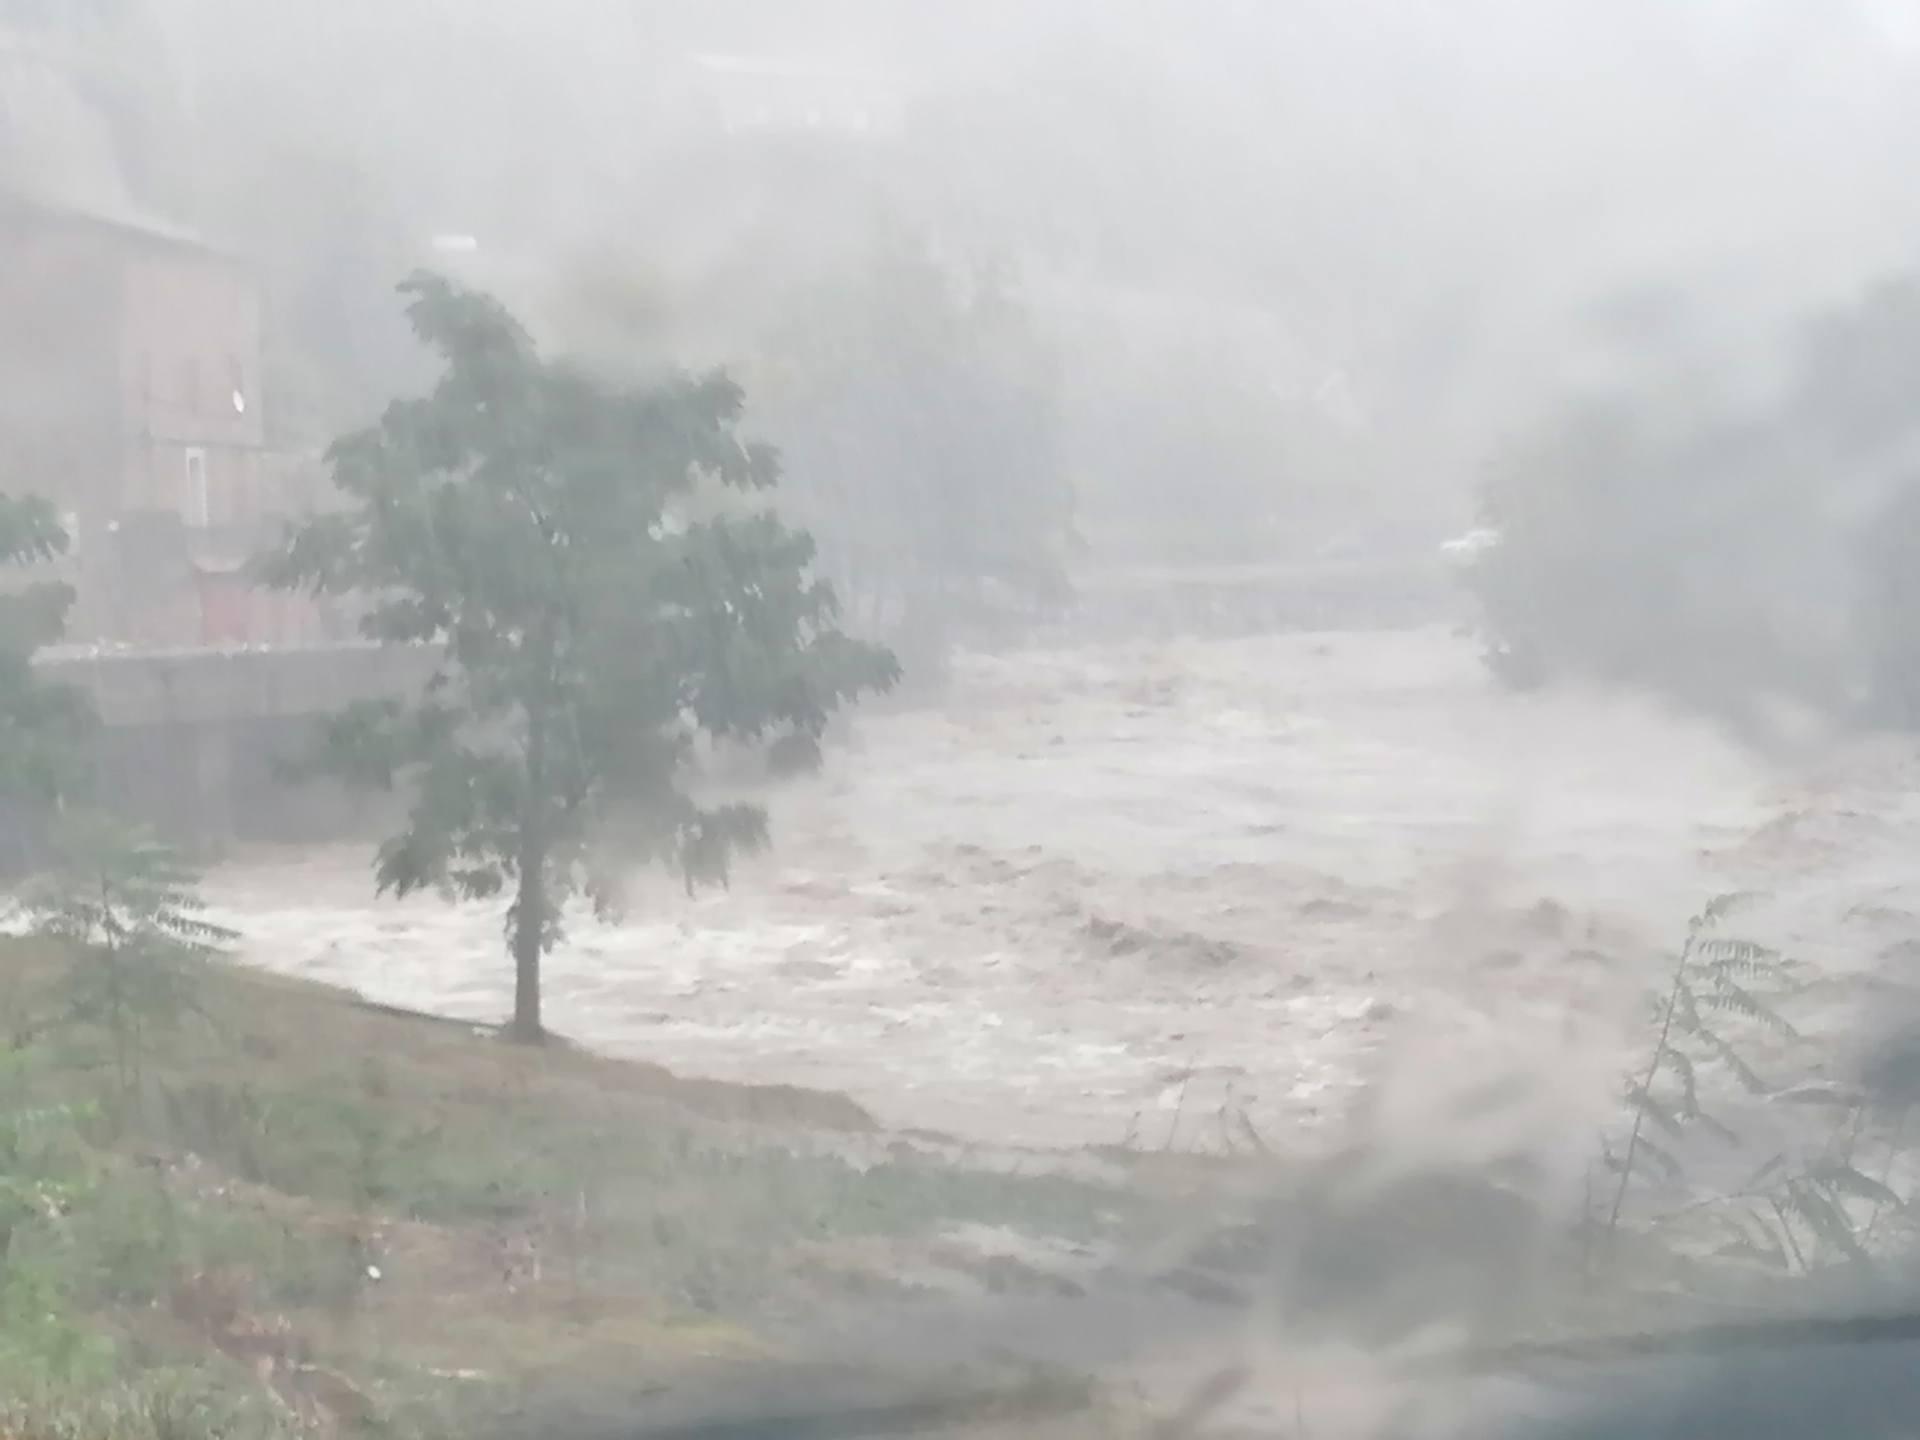 Violentissimo temporale nel sud della Francia: 700 mm di pioggia a Valleraugue, grave alluvione in corso